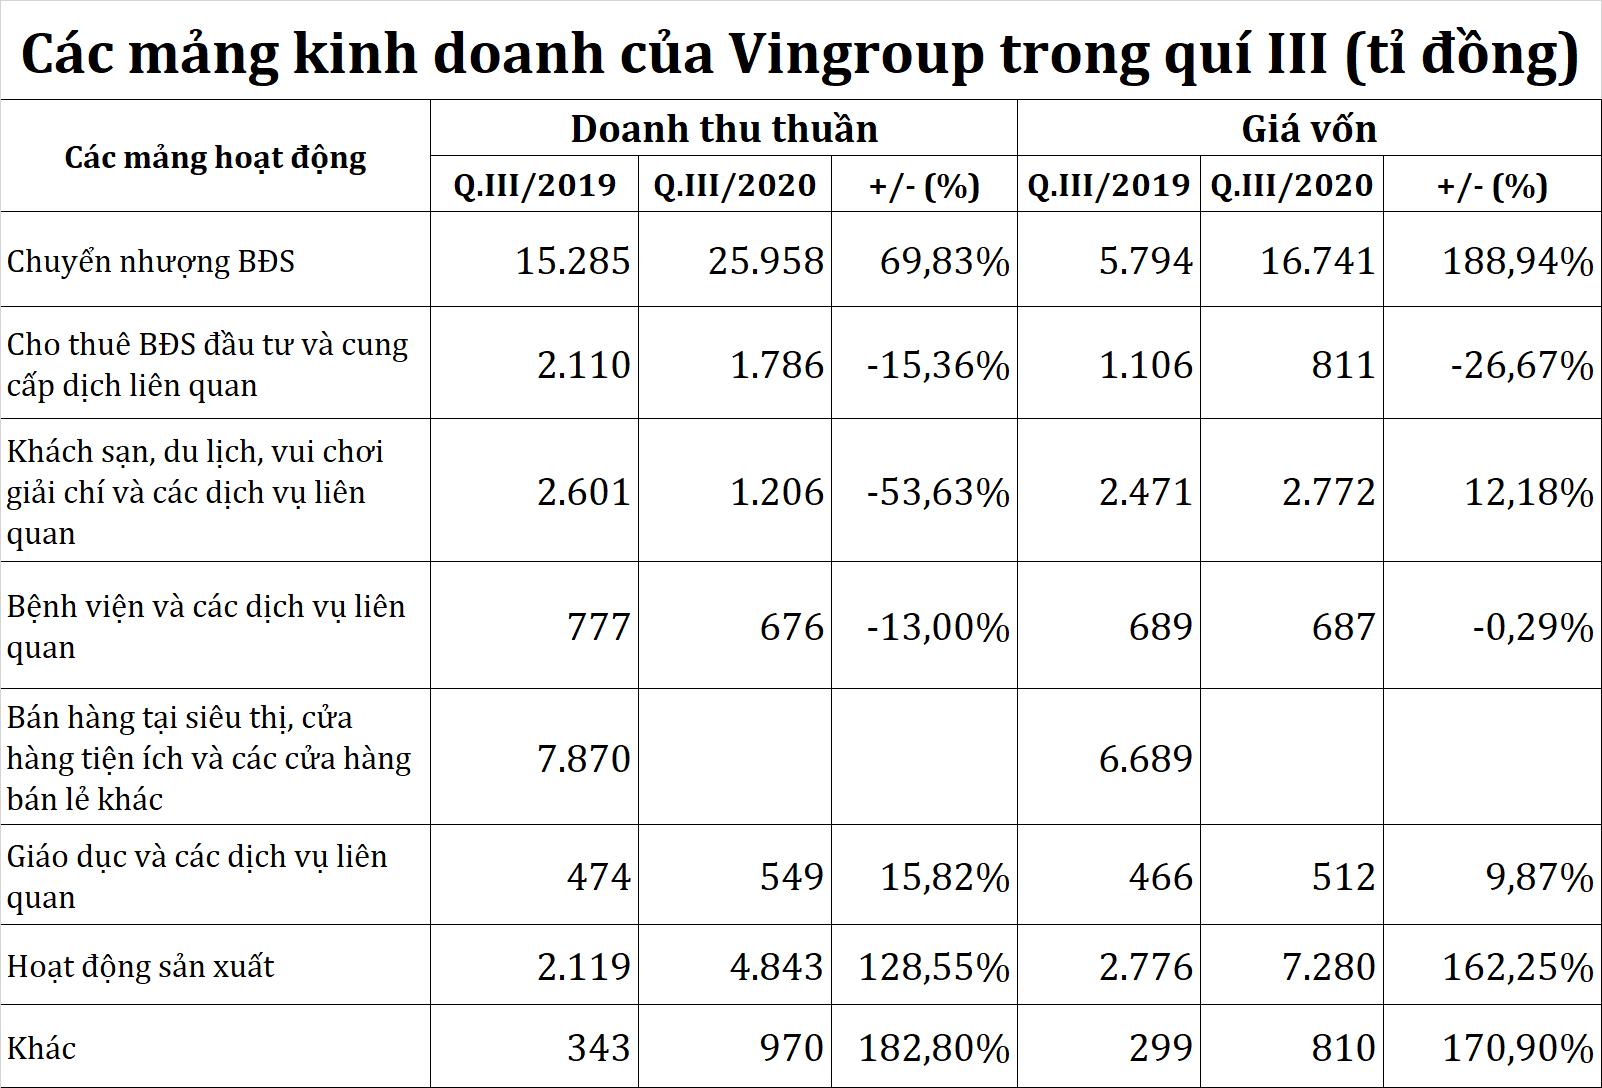 Các mảng kinh doanh góp bao nhiêu lợi nhuận cho Vingroup - Ảnh 1.